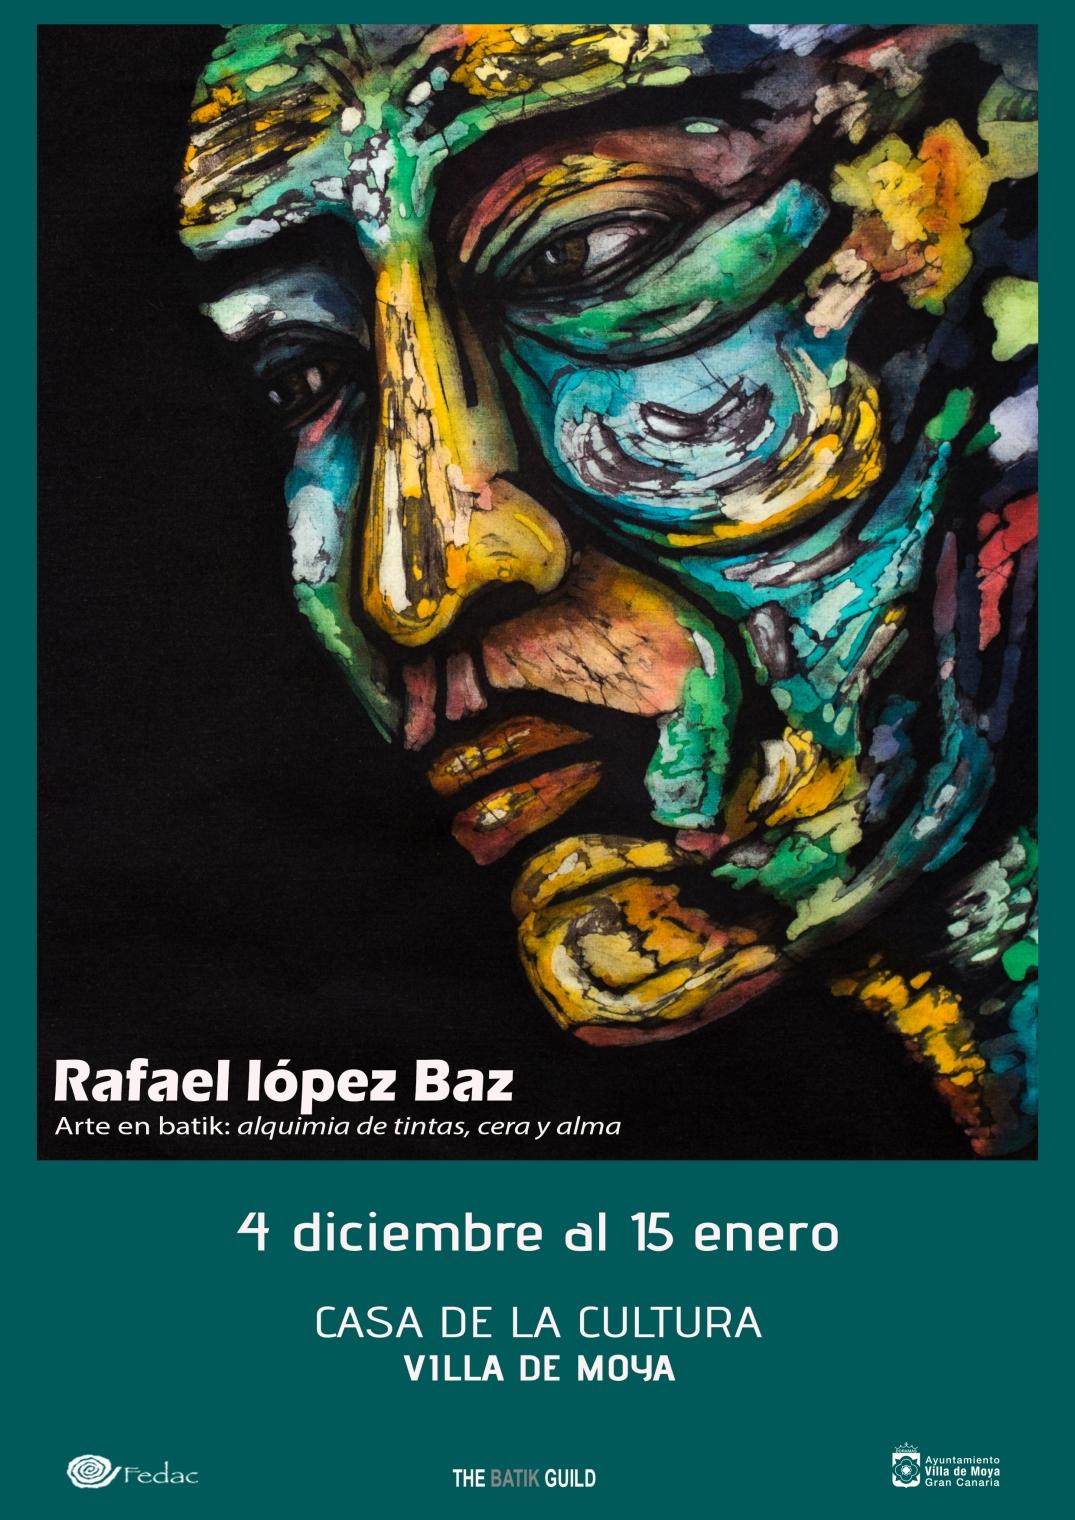 ExposicionRafaelLopezBaz (3).jpg